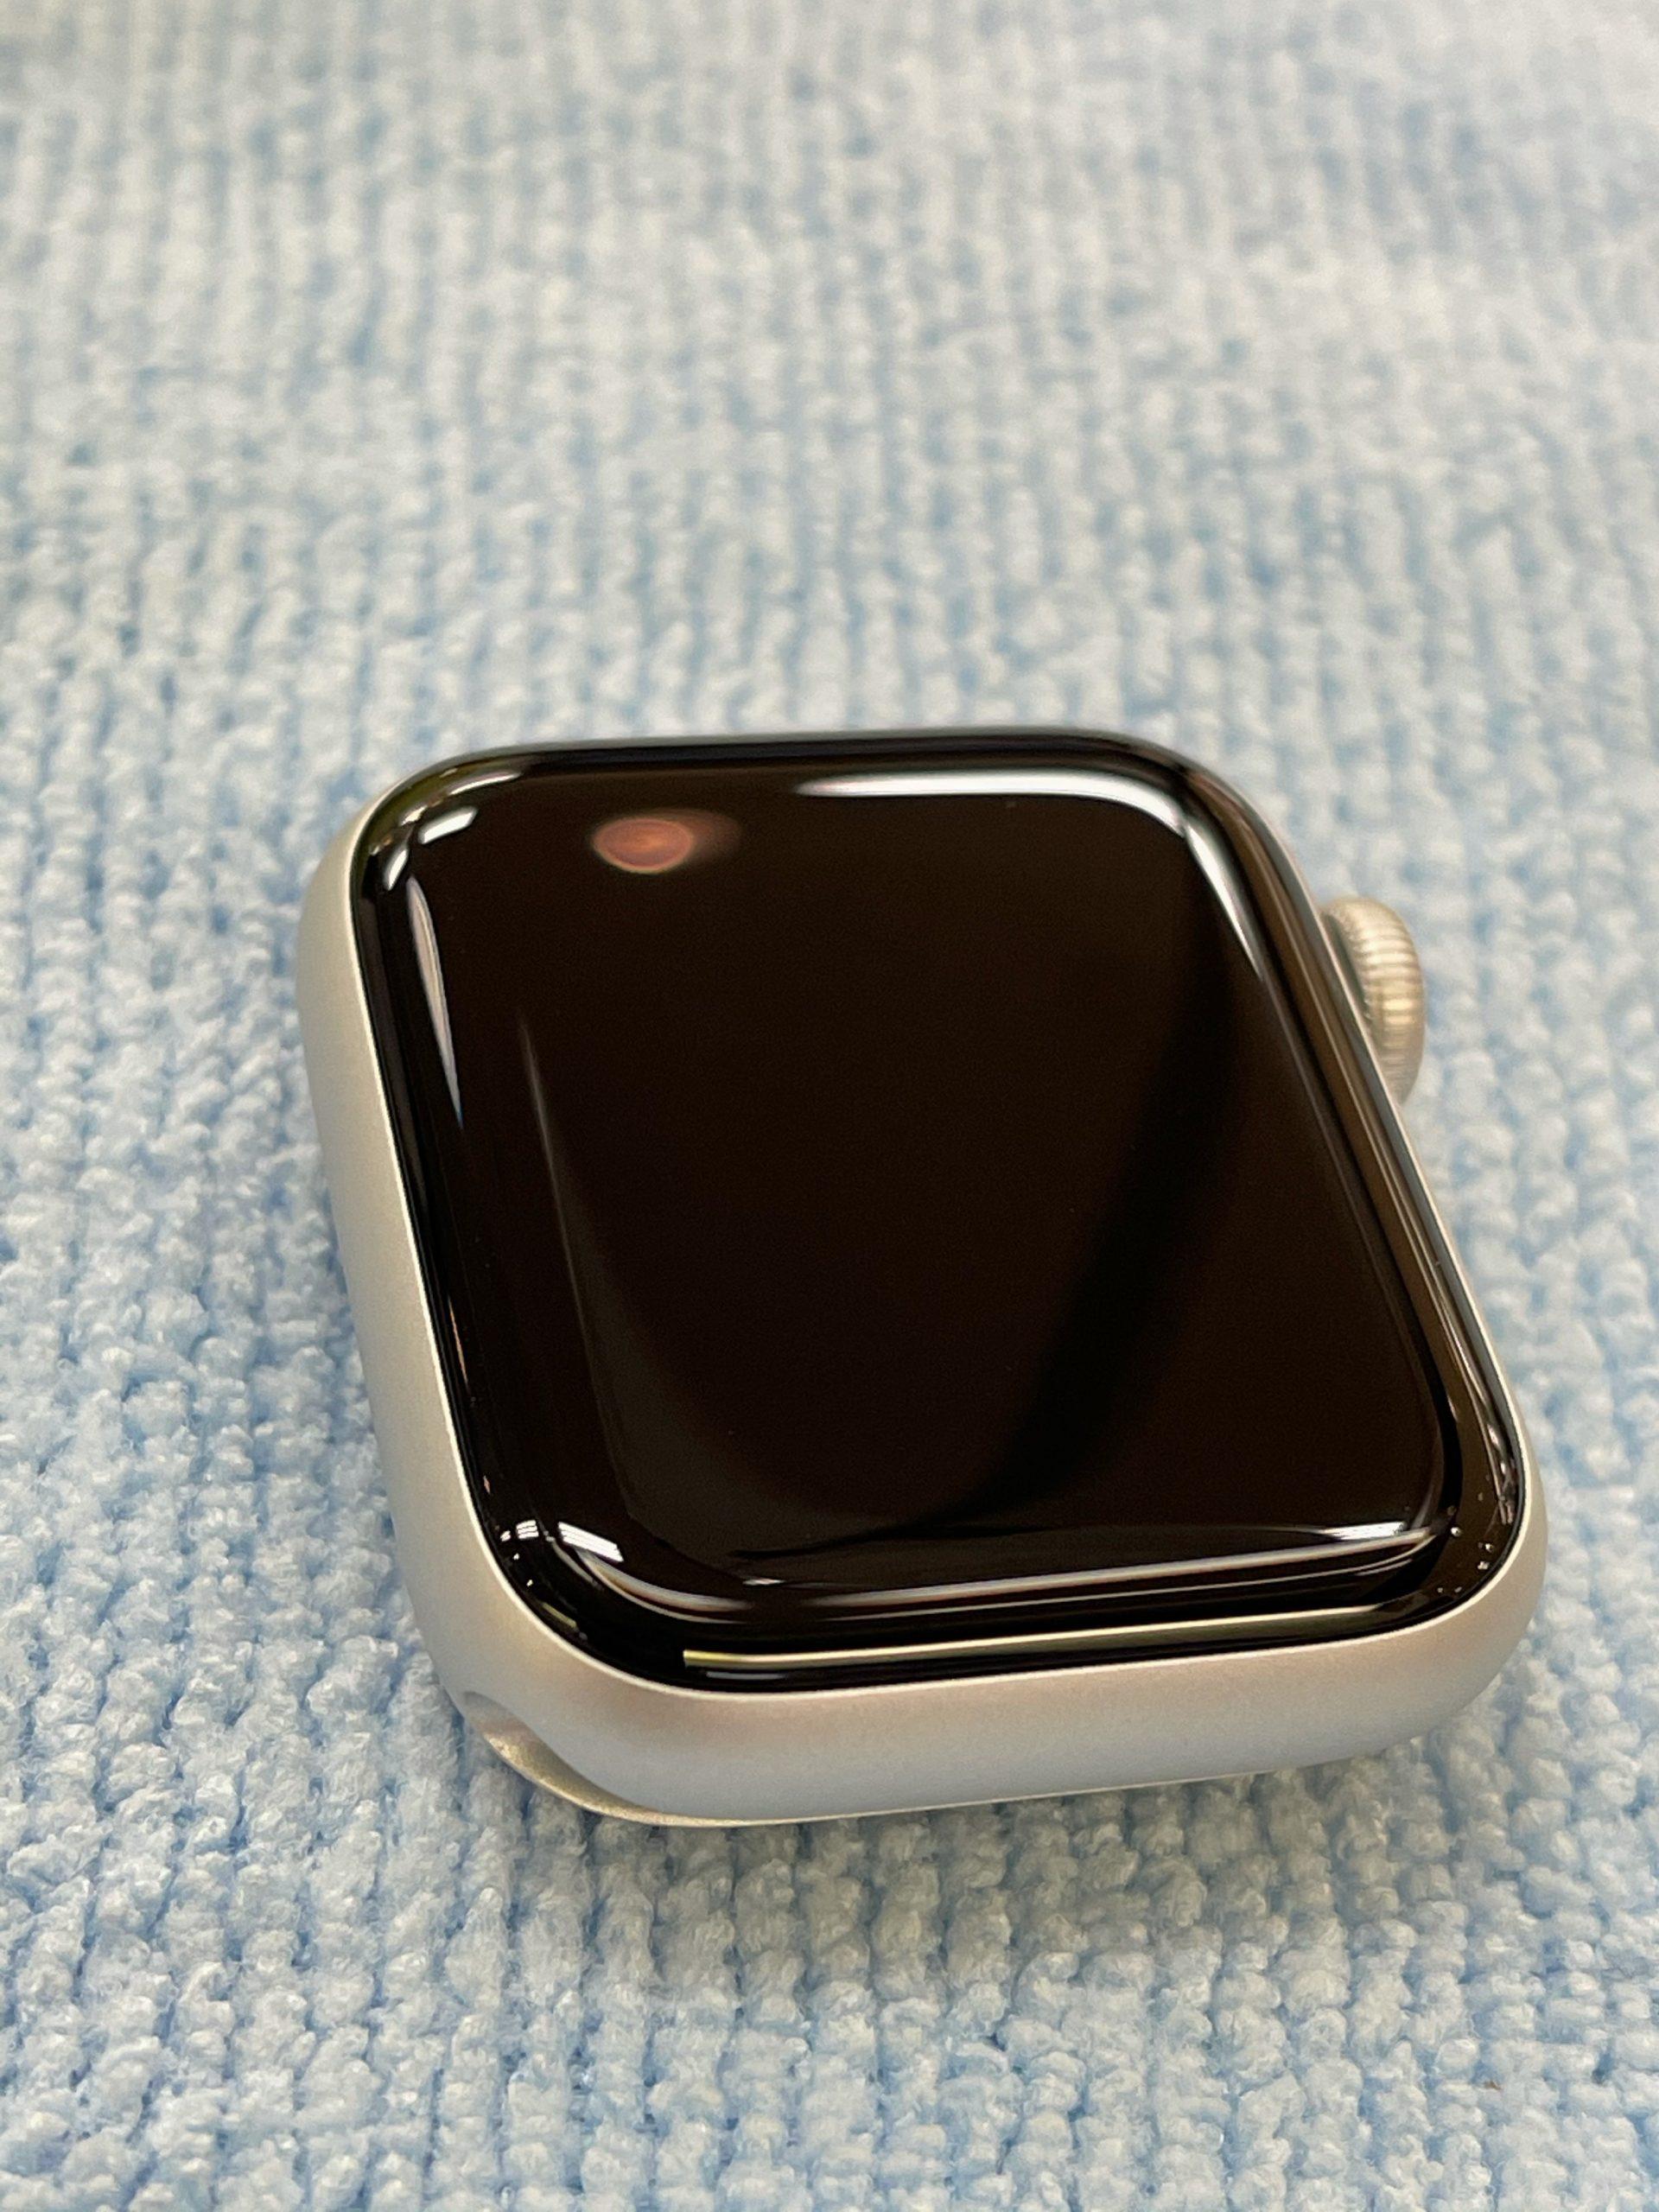 【AppleWatch】ガラスコーティングしたい。〈佐賀市よりご来店〉